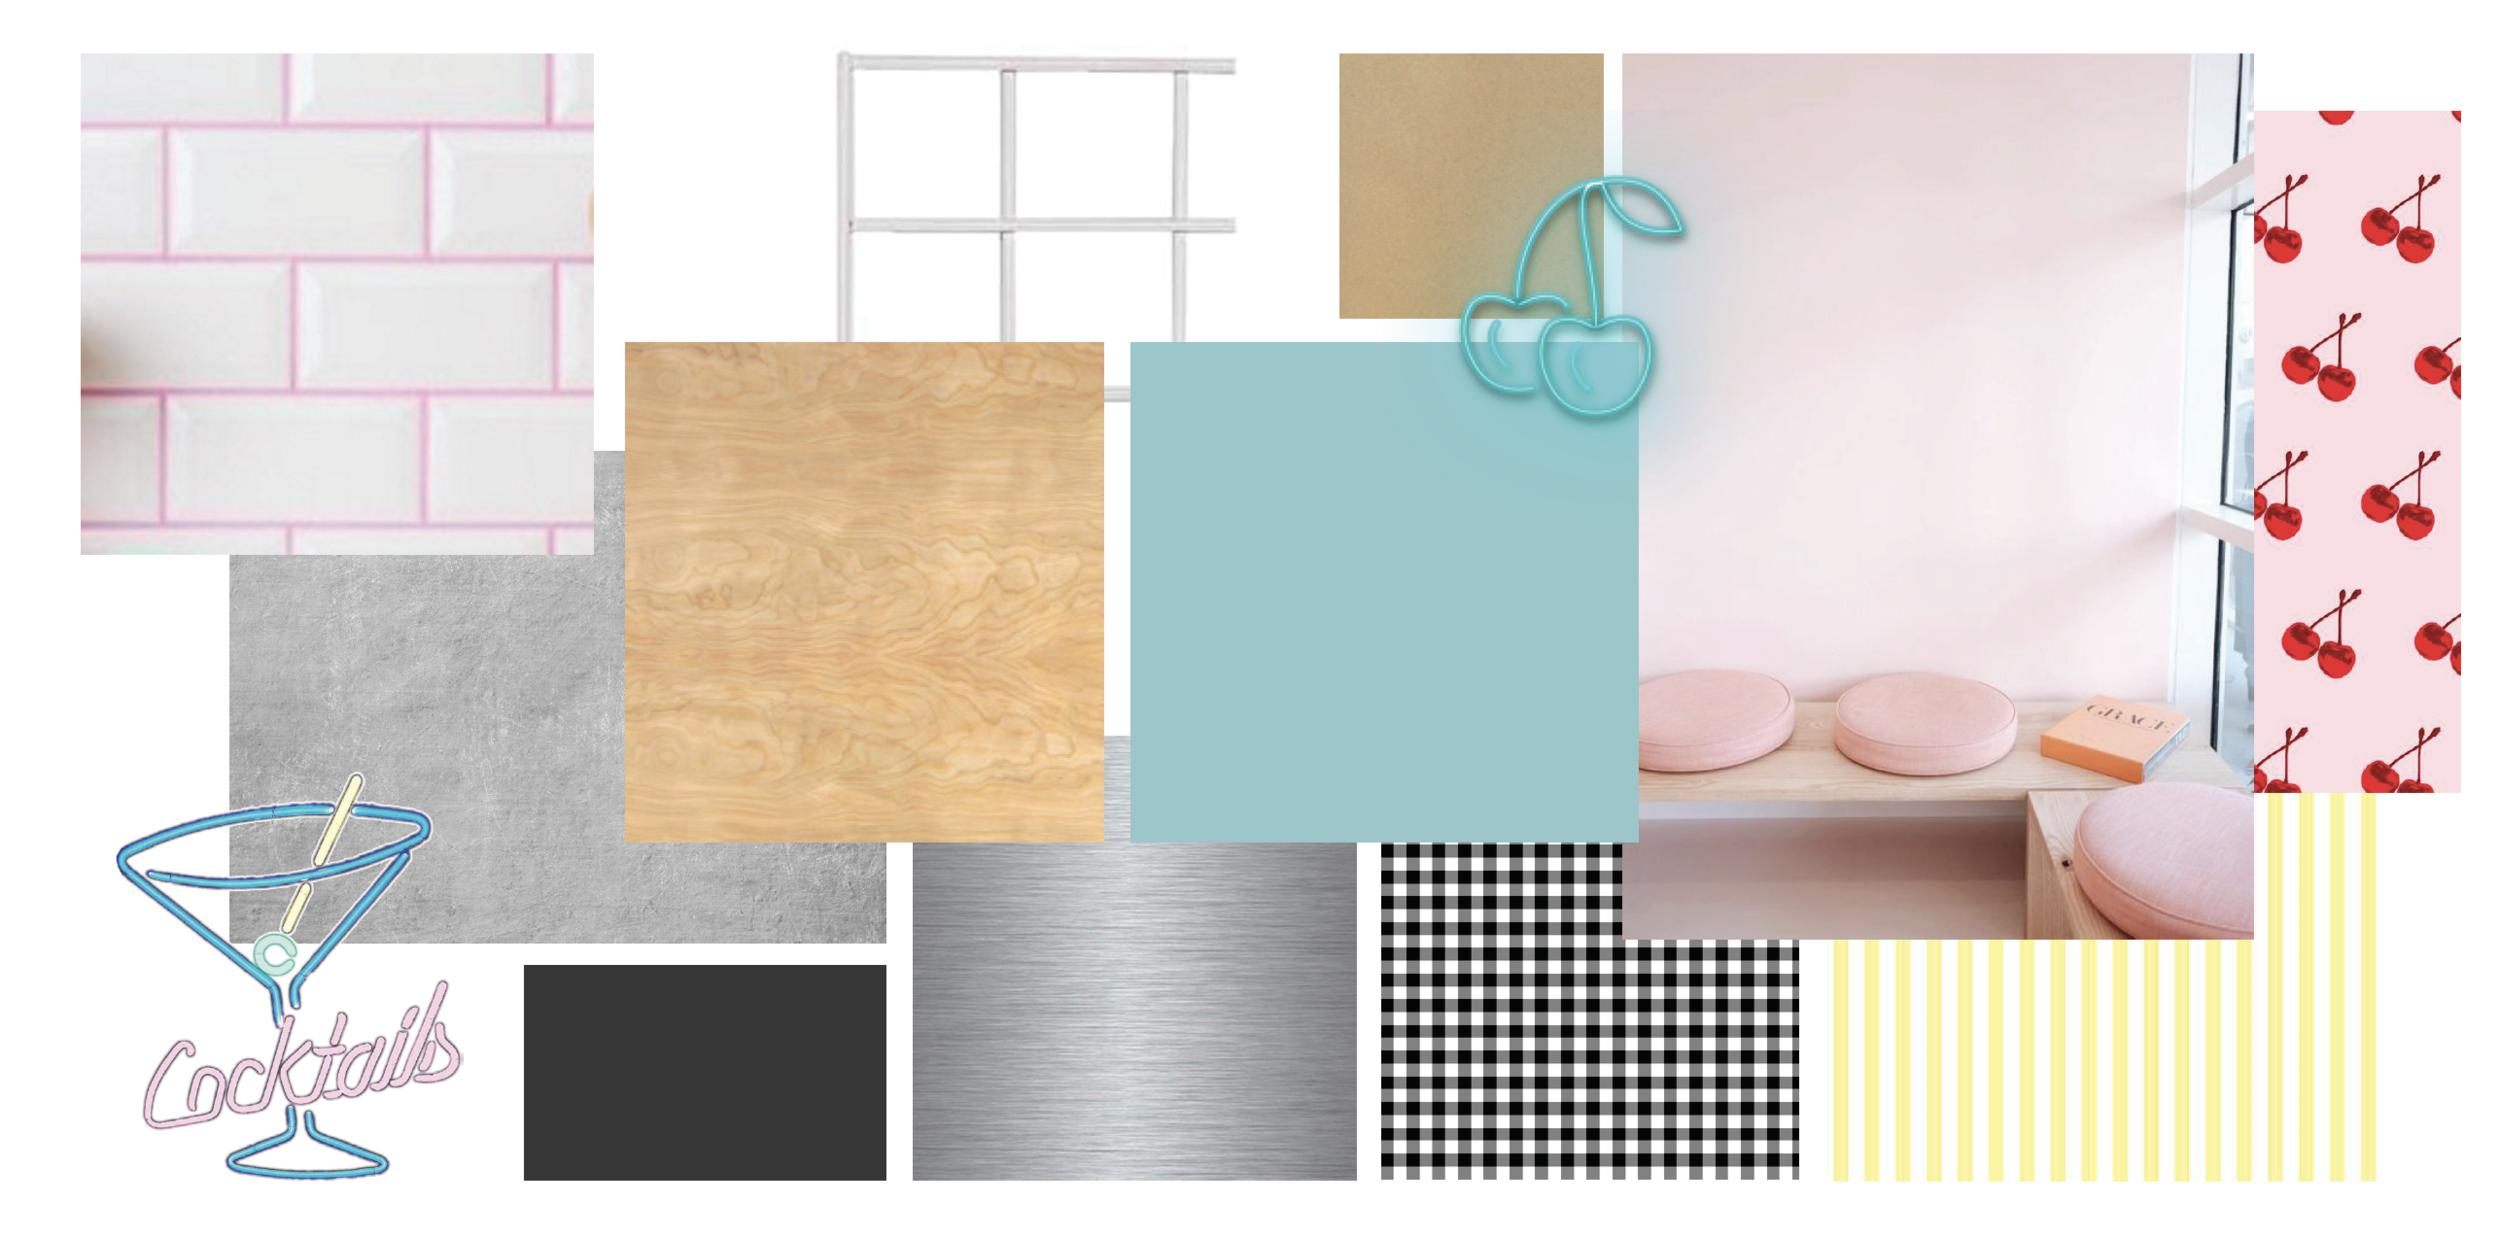 Moodboard for schematic interior design